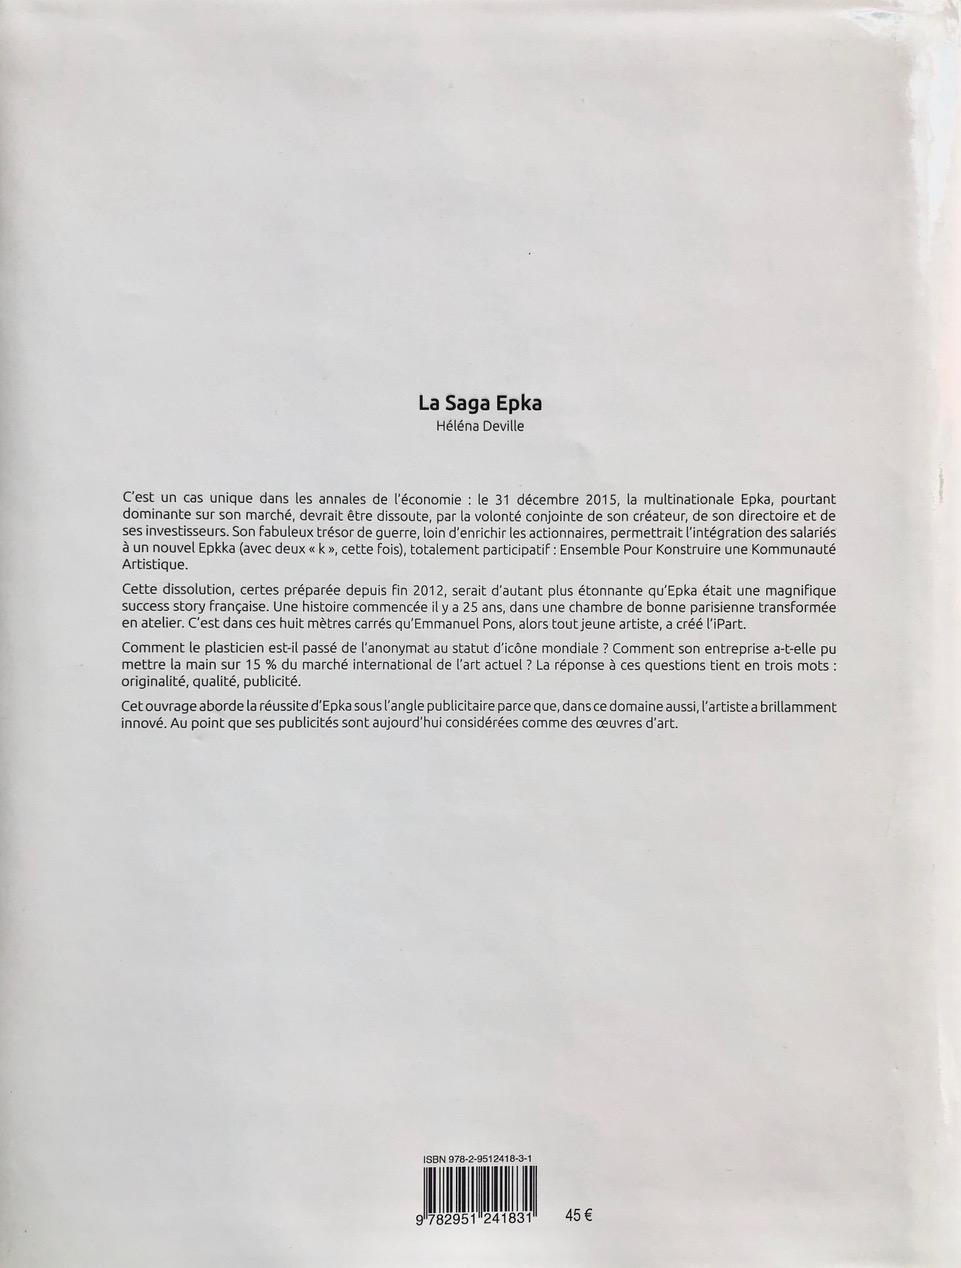 Œuvre-artiste-Epka-02.jpeg